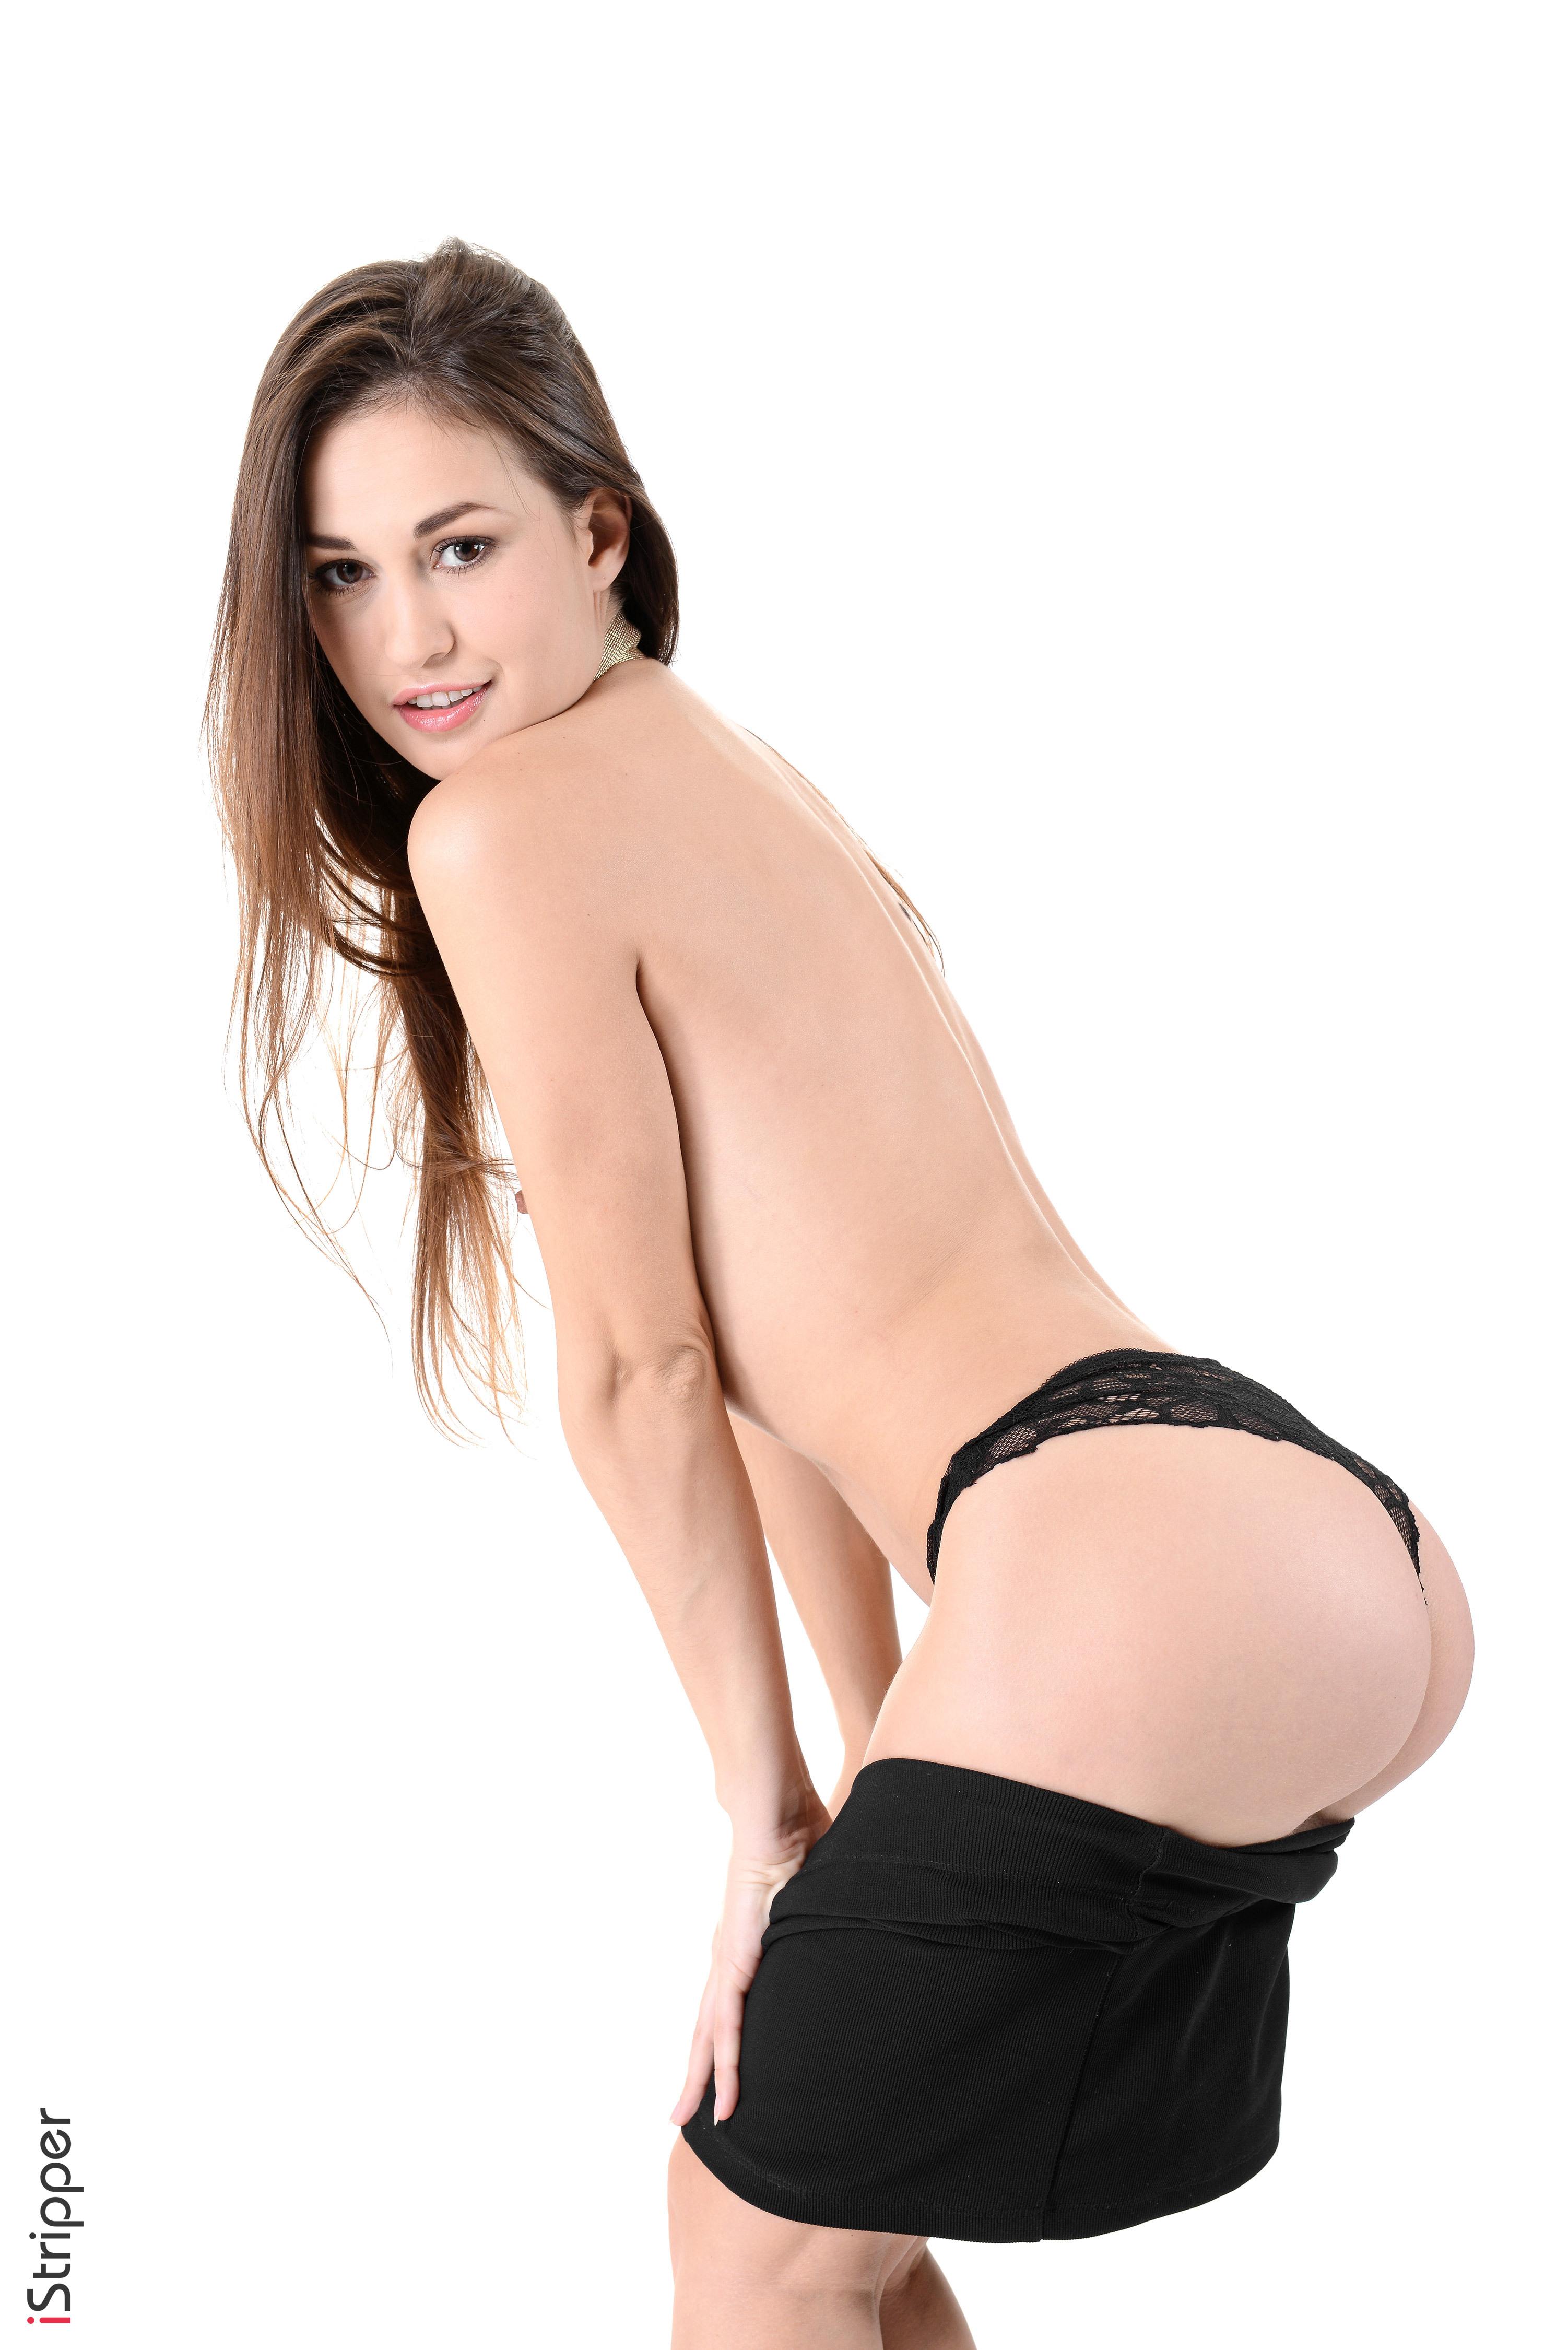 hot girl boobs wallpaper